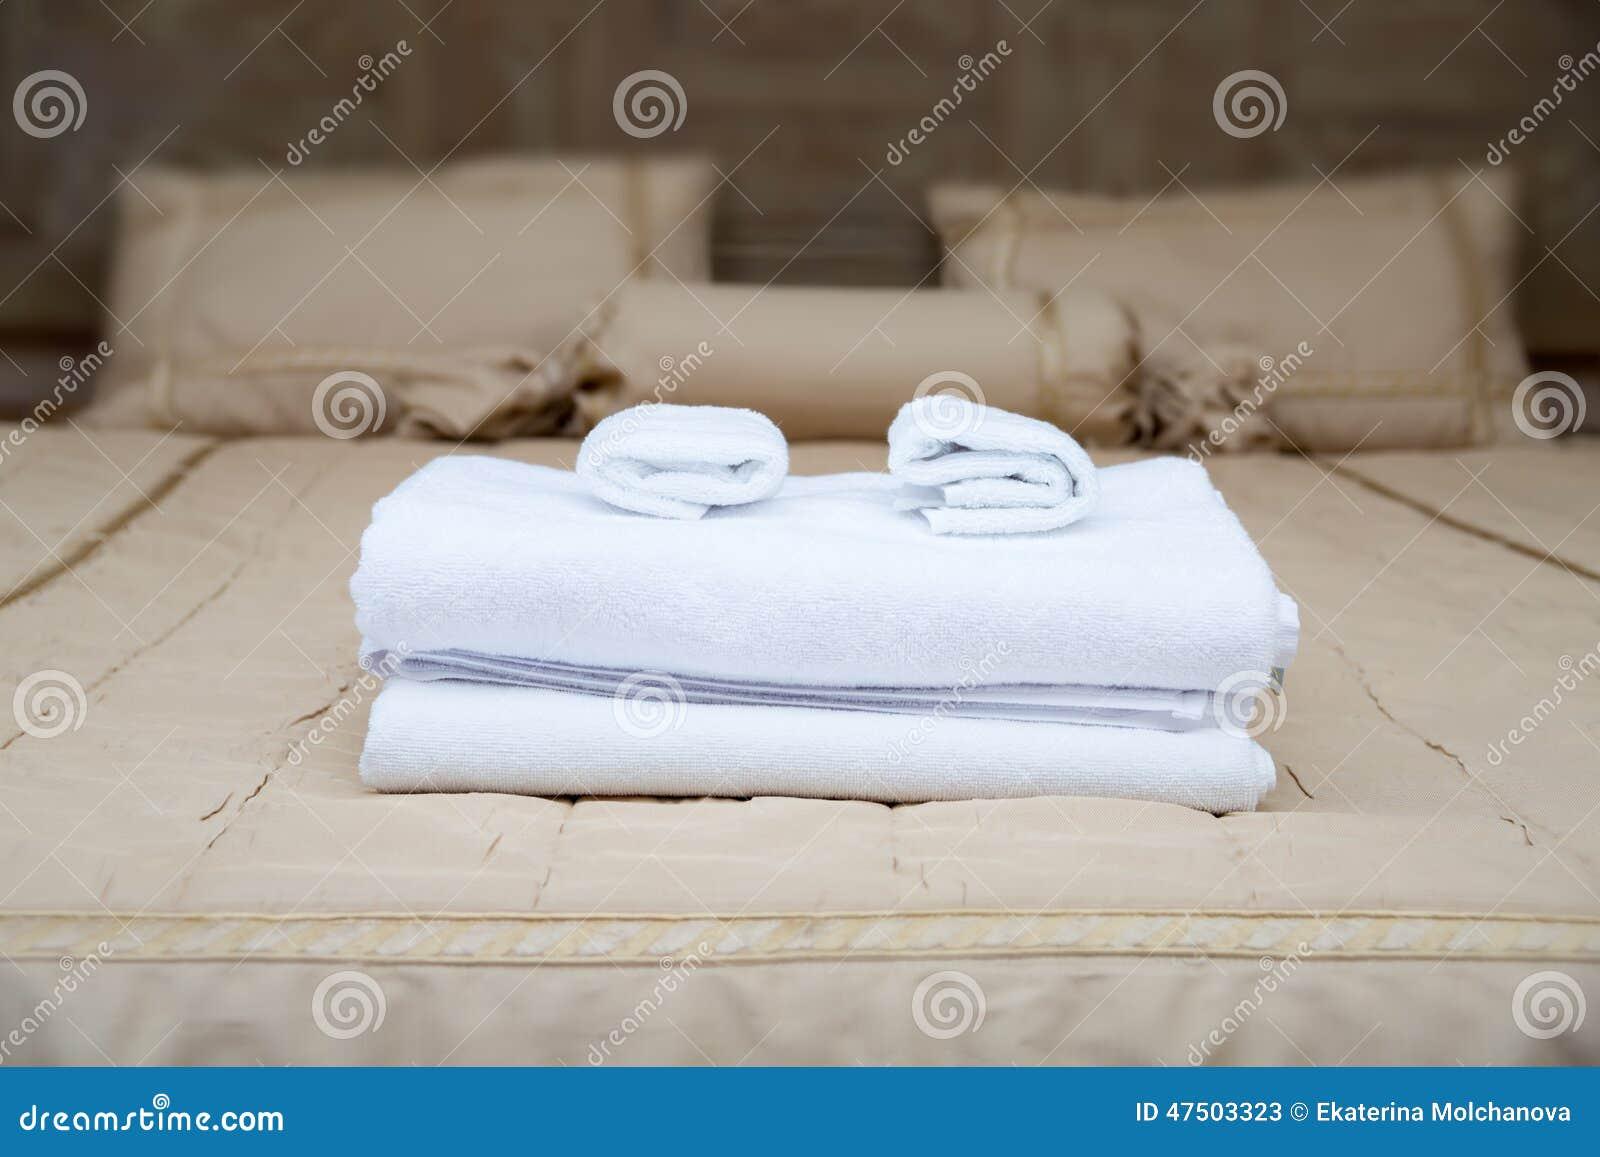 serviettes sur le lit d 39 h tel image stock image du horizontal neuf 47503323. Black Bedroom Furniture Sets. Home Design Ideas